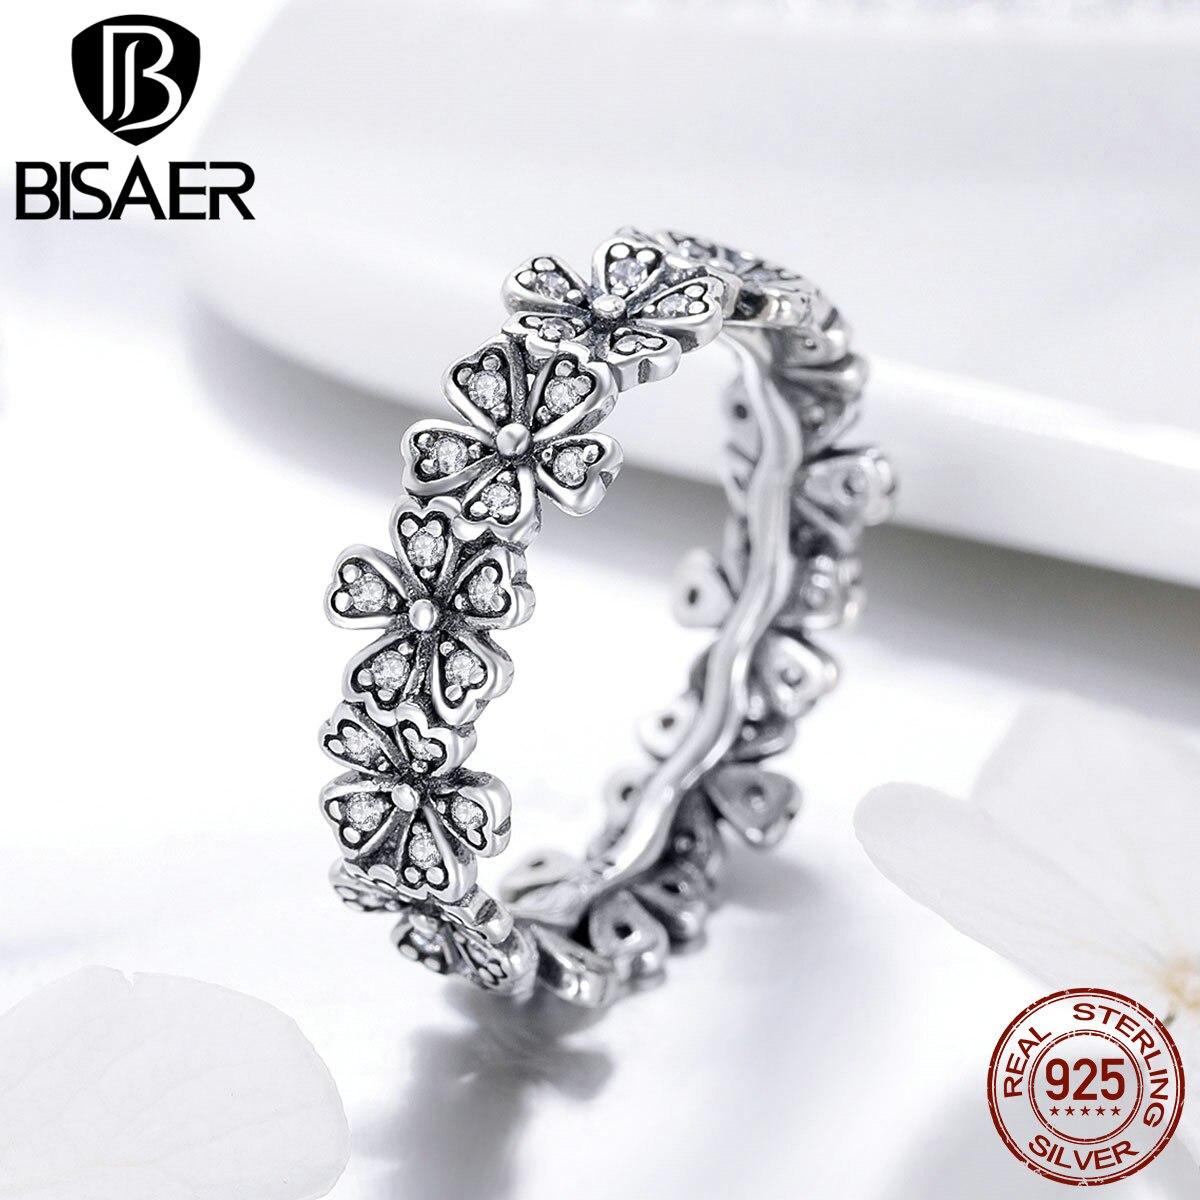 Plata de Ley 925 auténtica BISAER, anillos florales para bodas con Margarita romántica para mujer, anillo de moda para dedo, joyería de compromiso ECR397